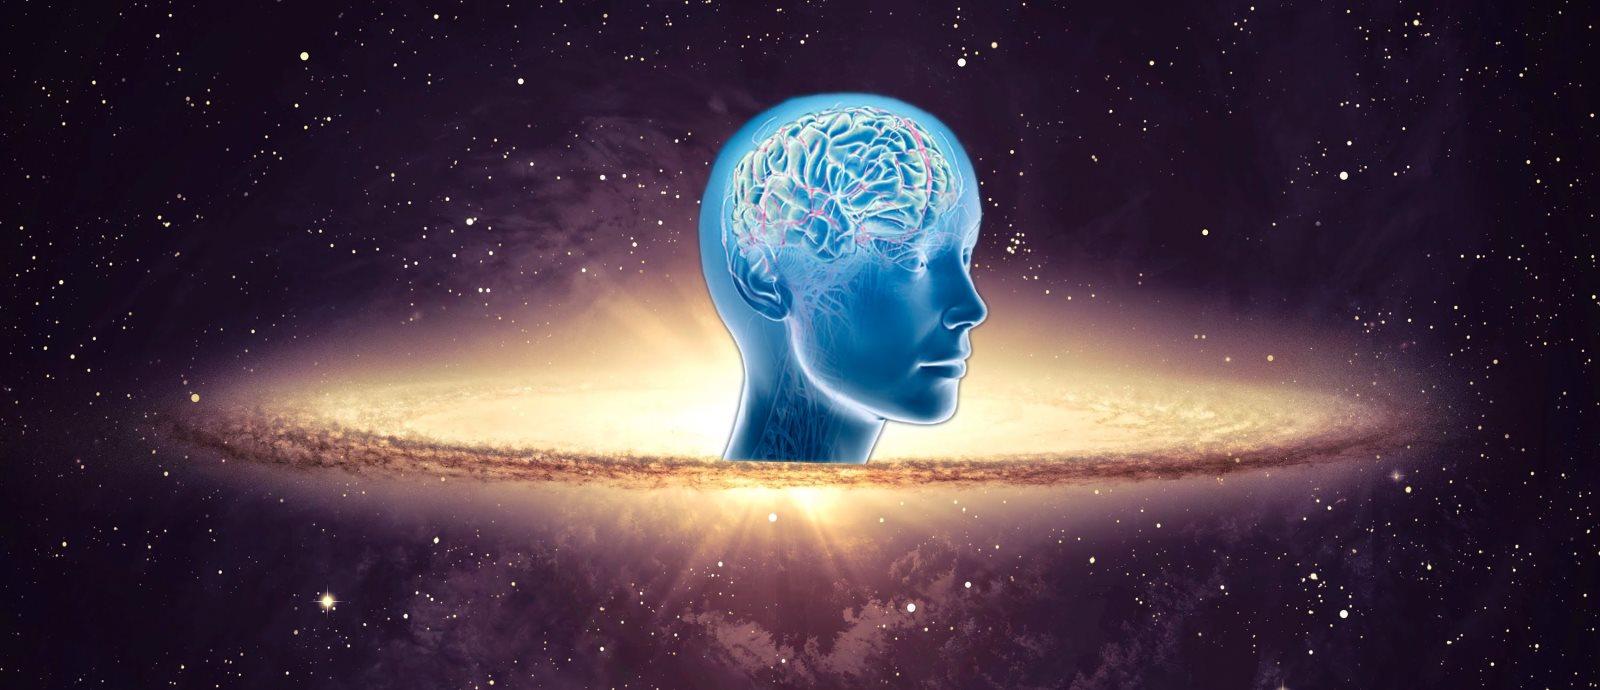 ادراک فرا حسی یا حس ششم چیست؟